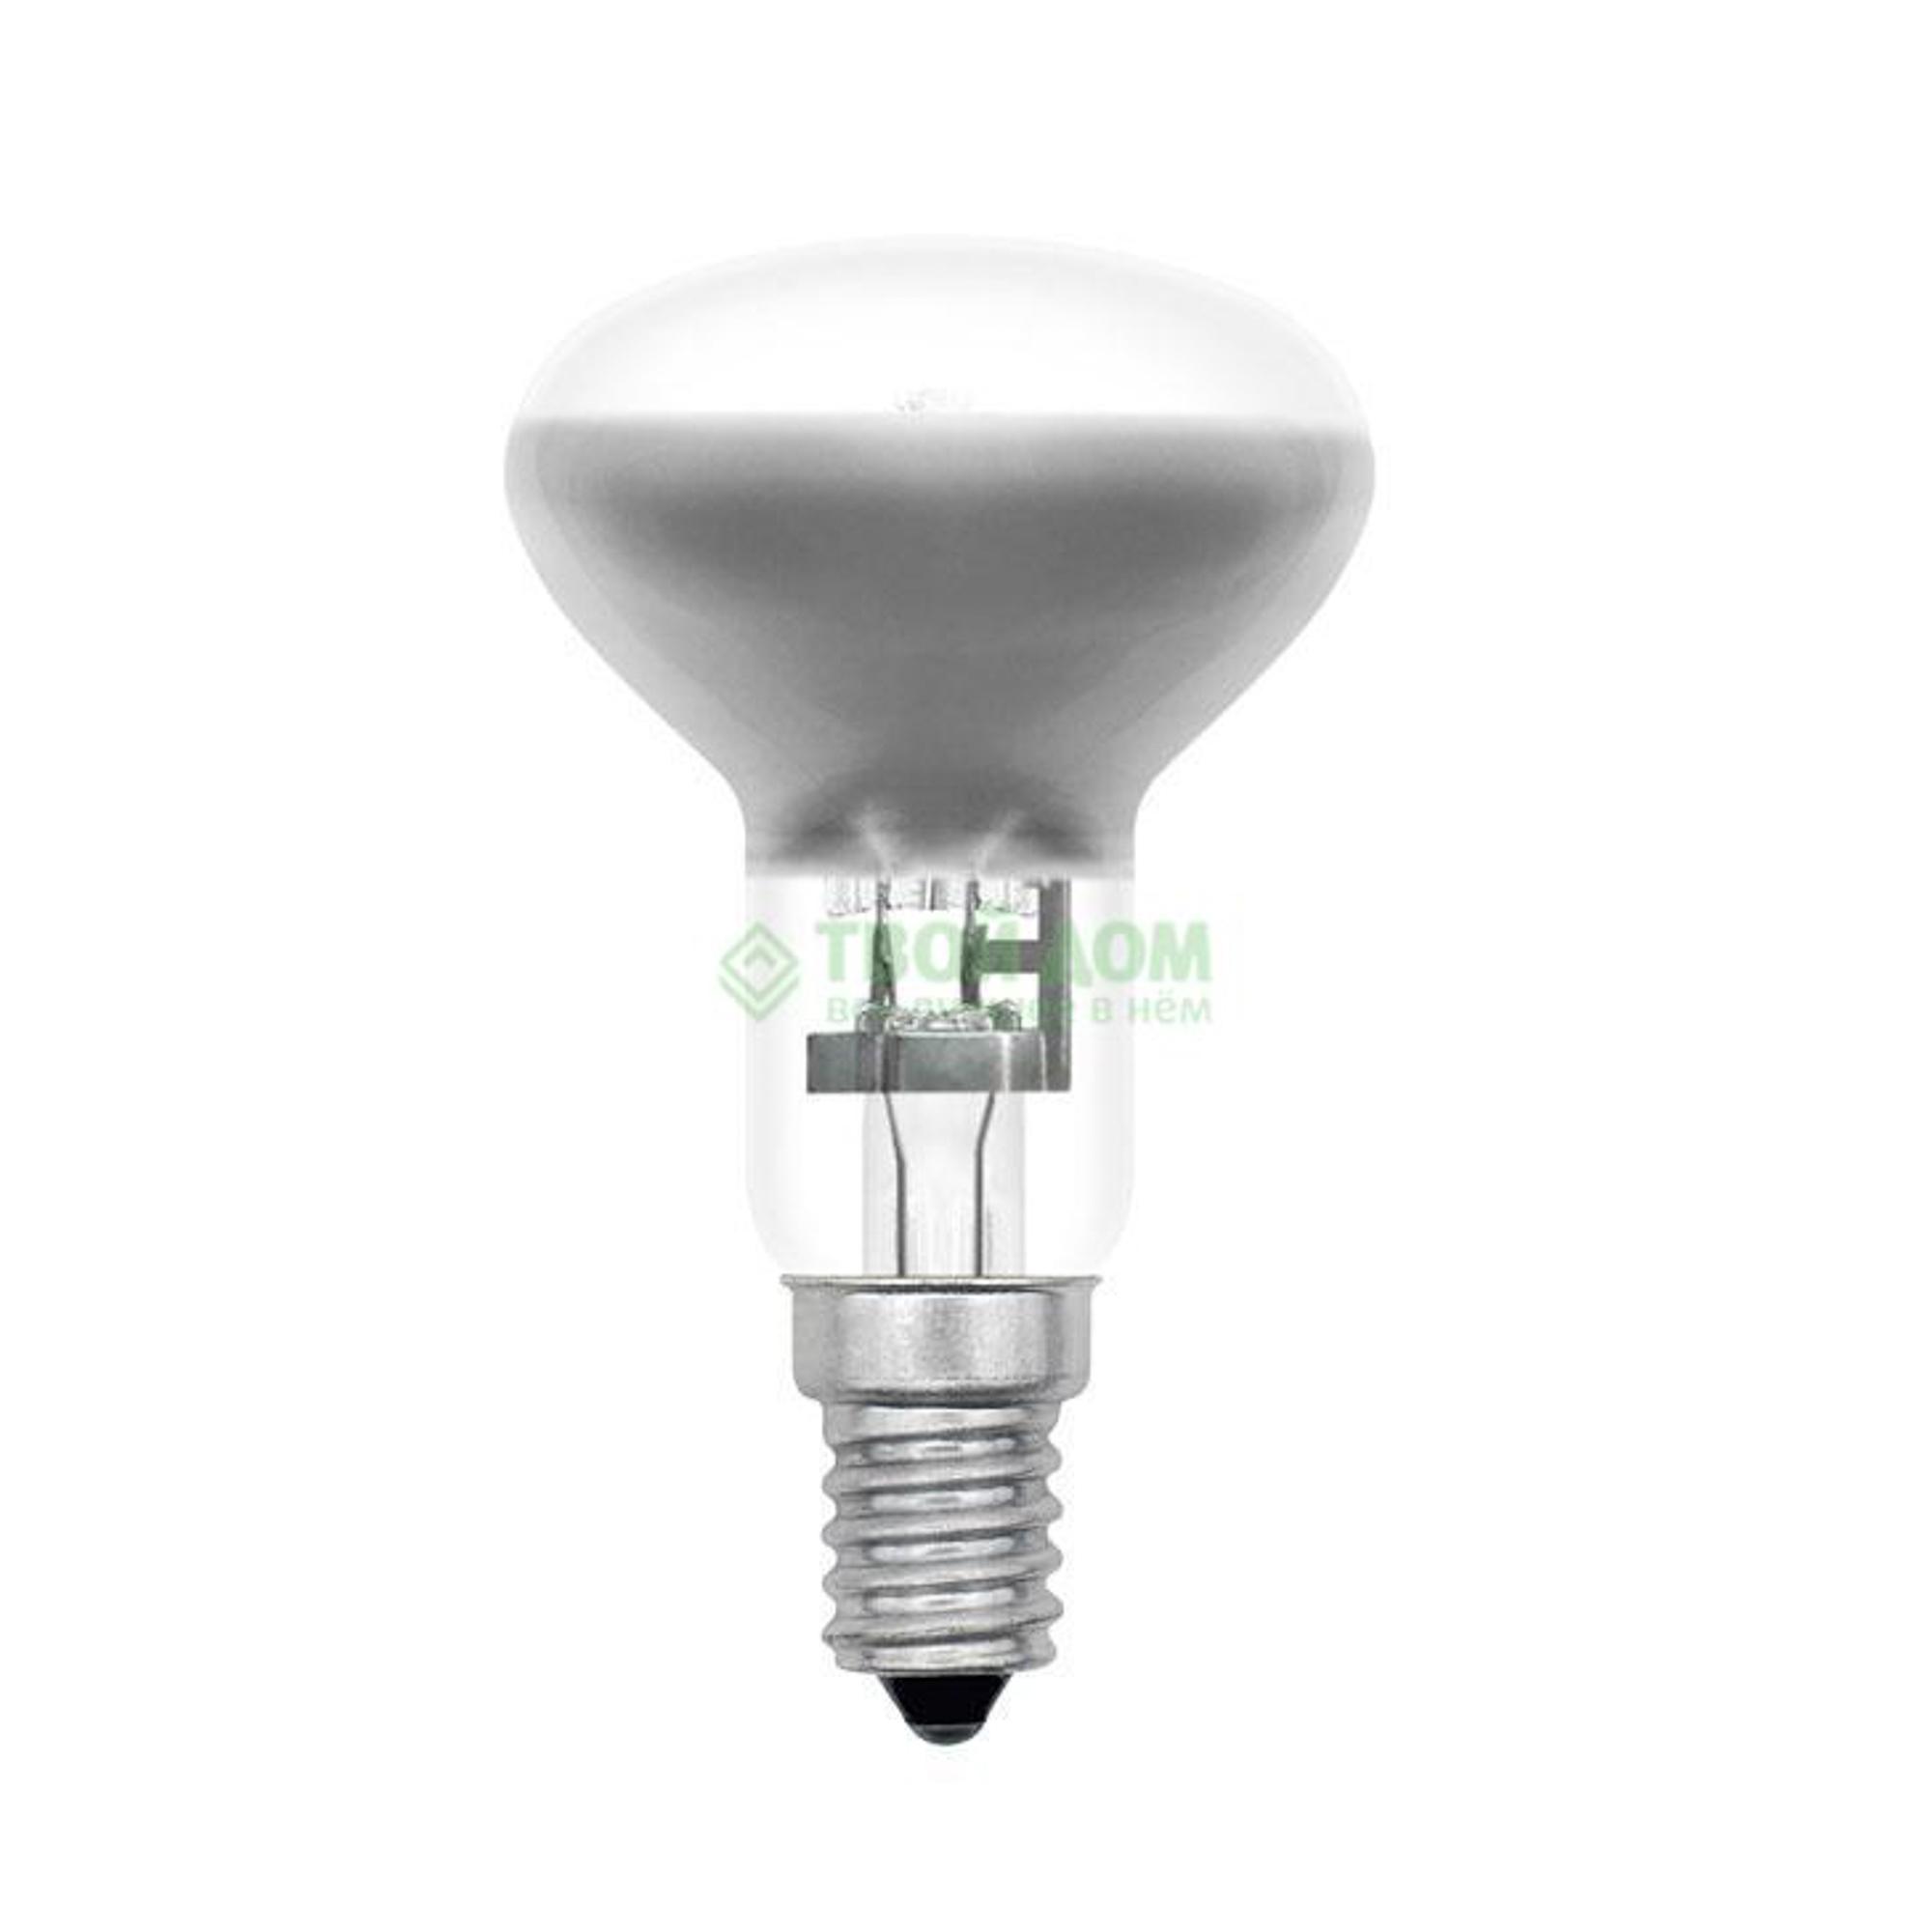 Лампочка галогеновая UNIEL HCL-42/CL/E14 REFLECTOR